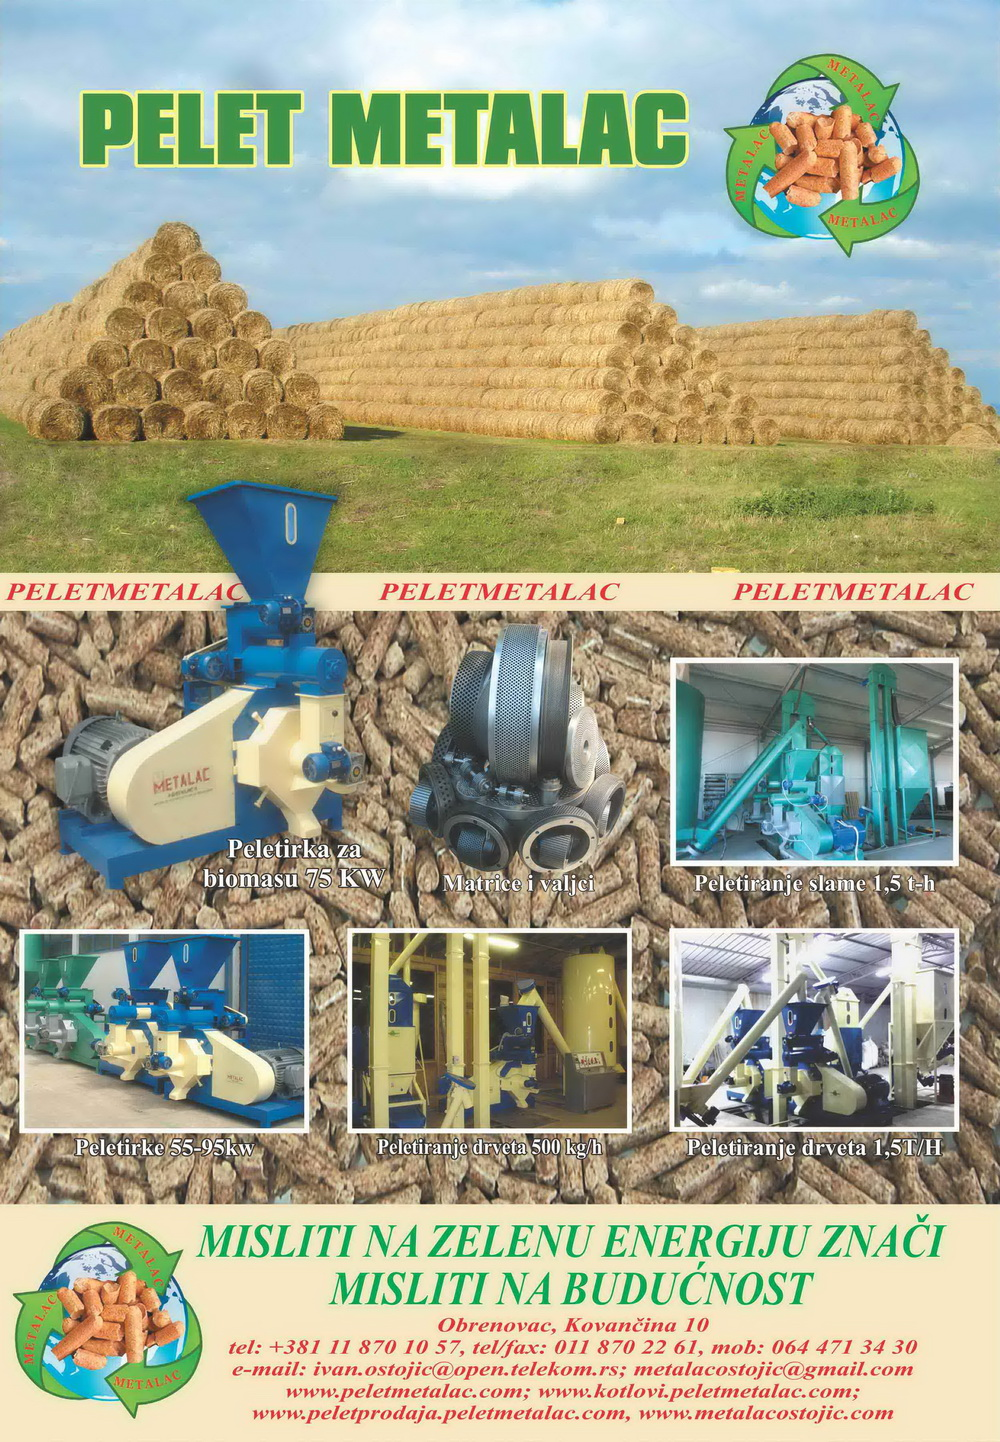 Masine-i-oprema-za-peletiranje-biomase